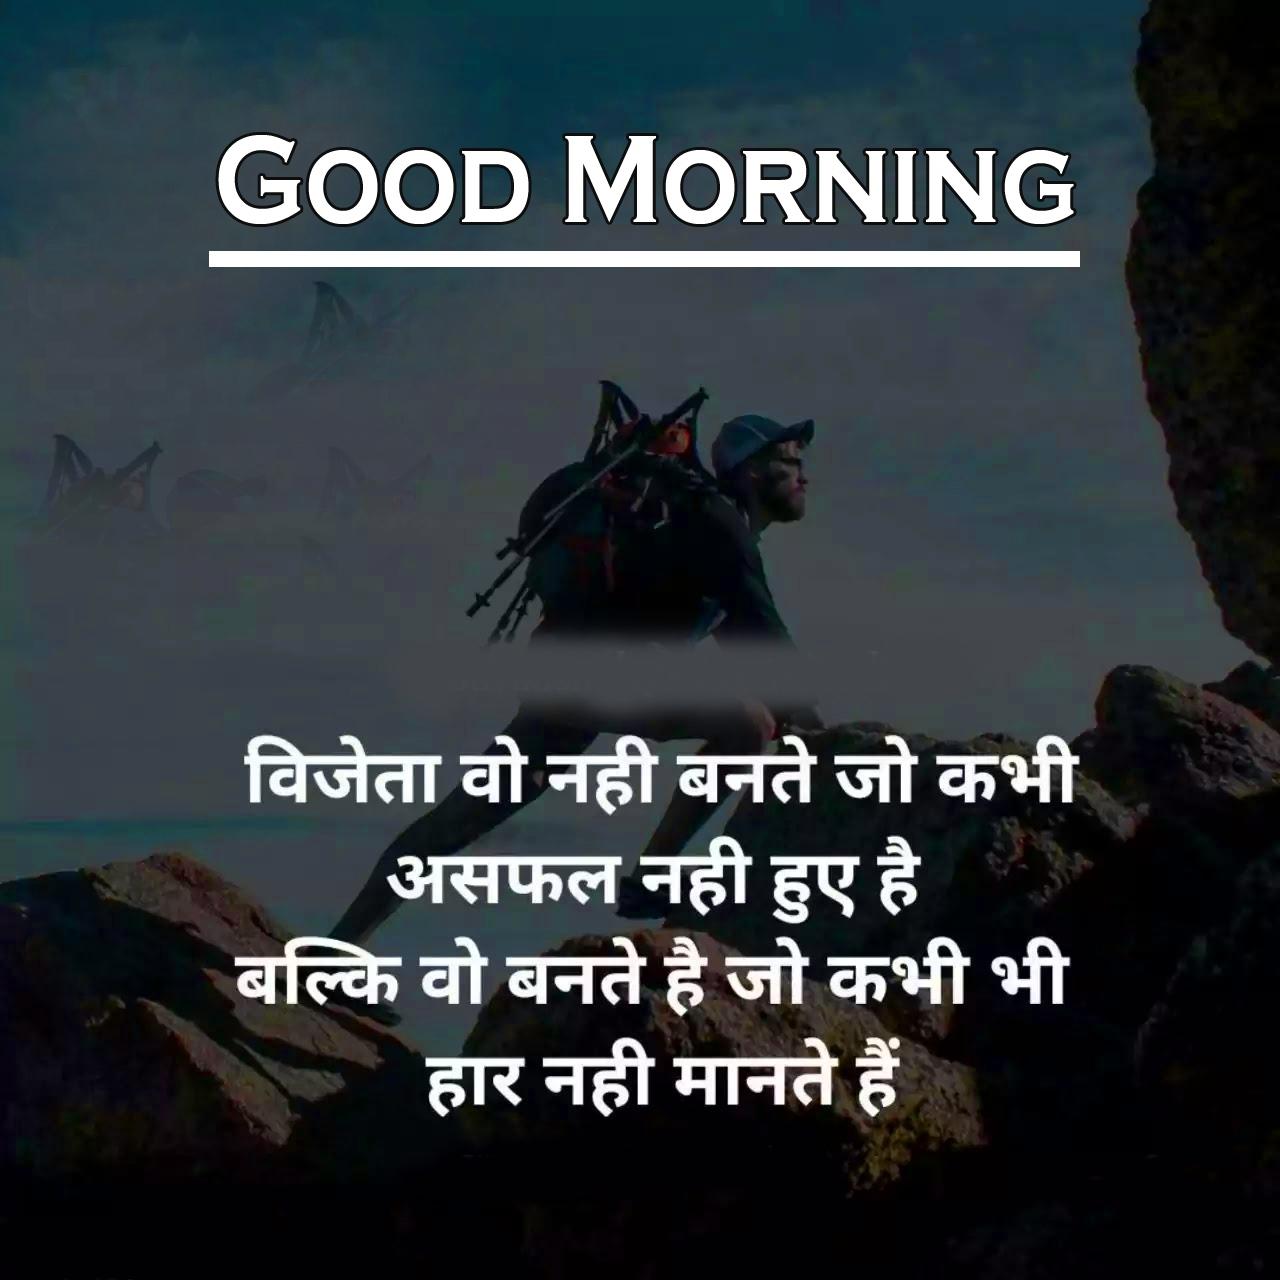 Hindi Good Morning Images 8 1